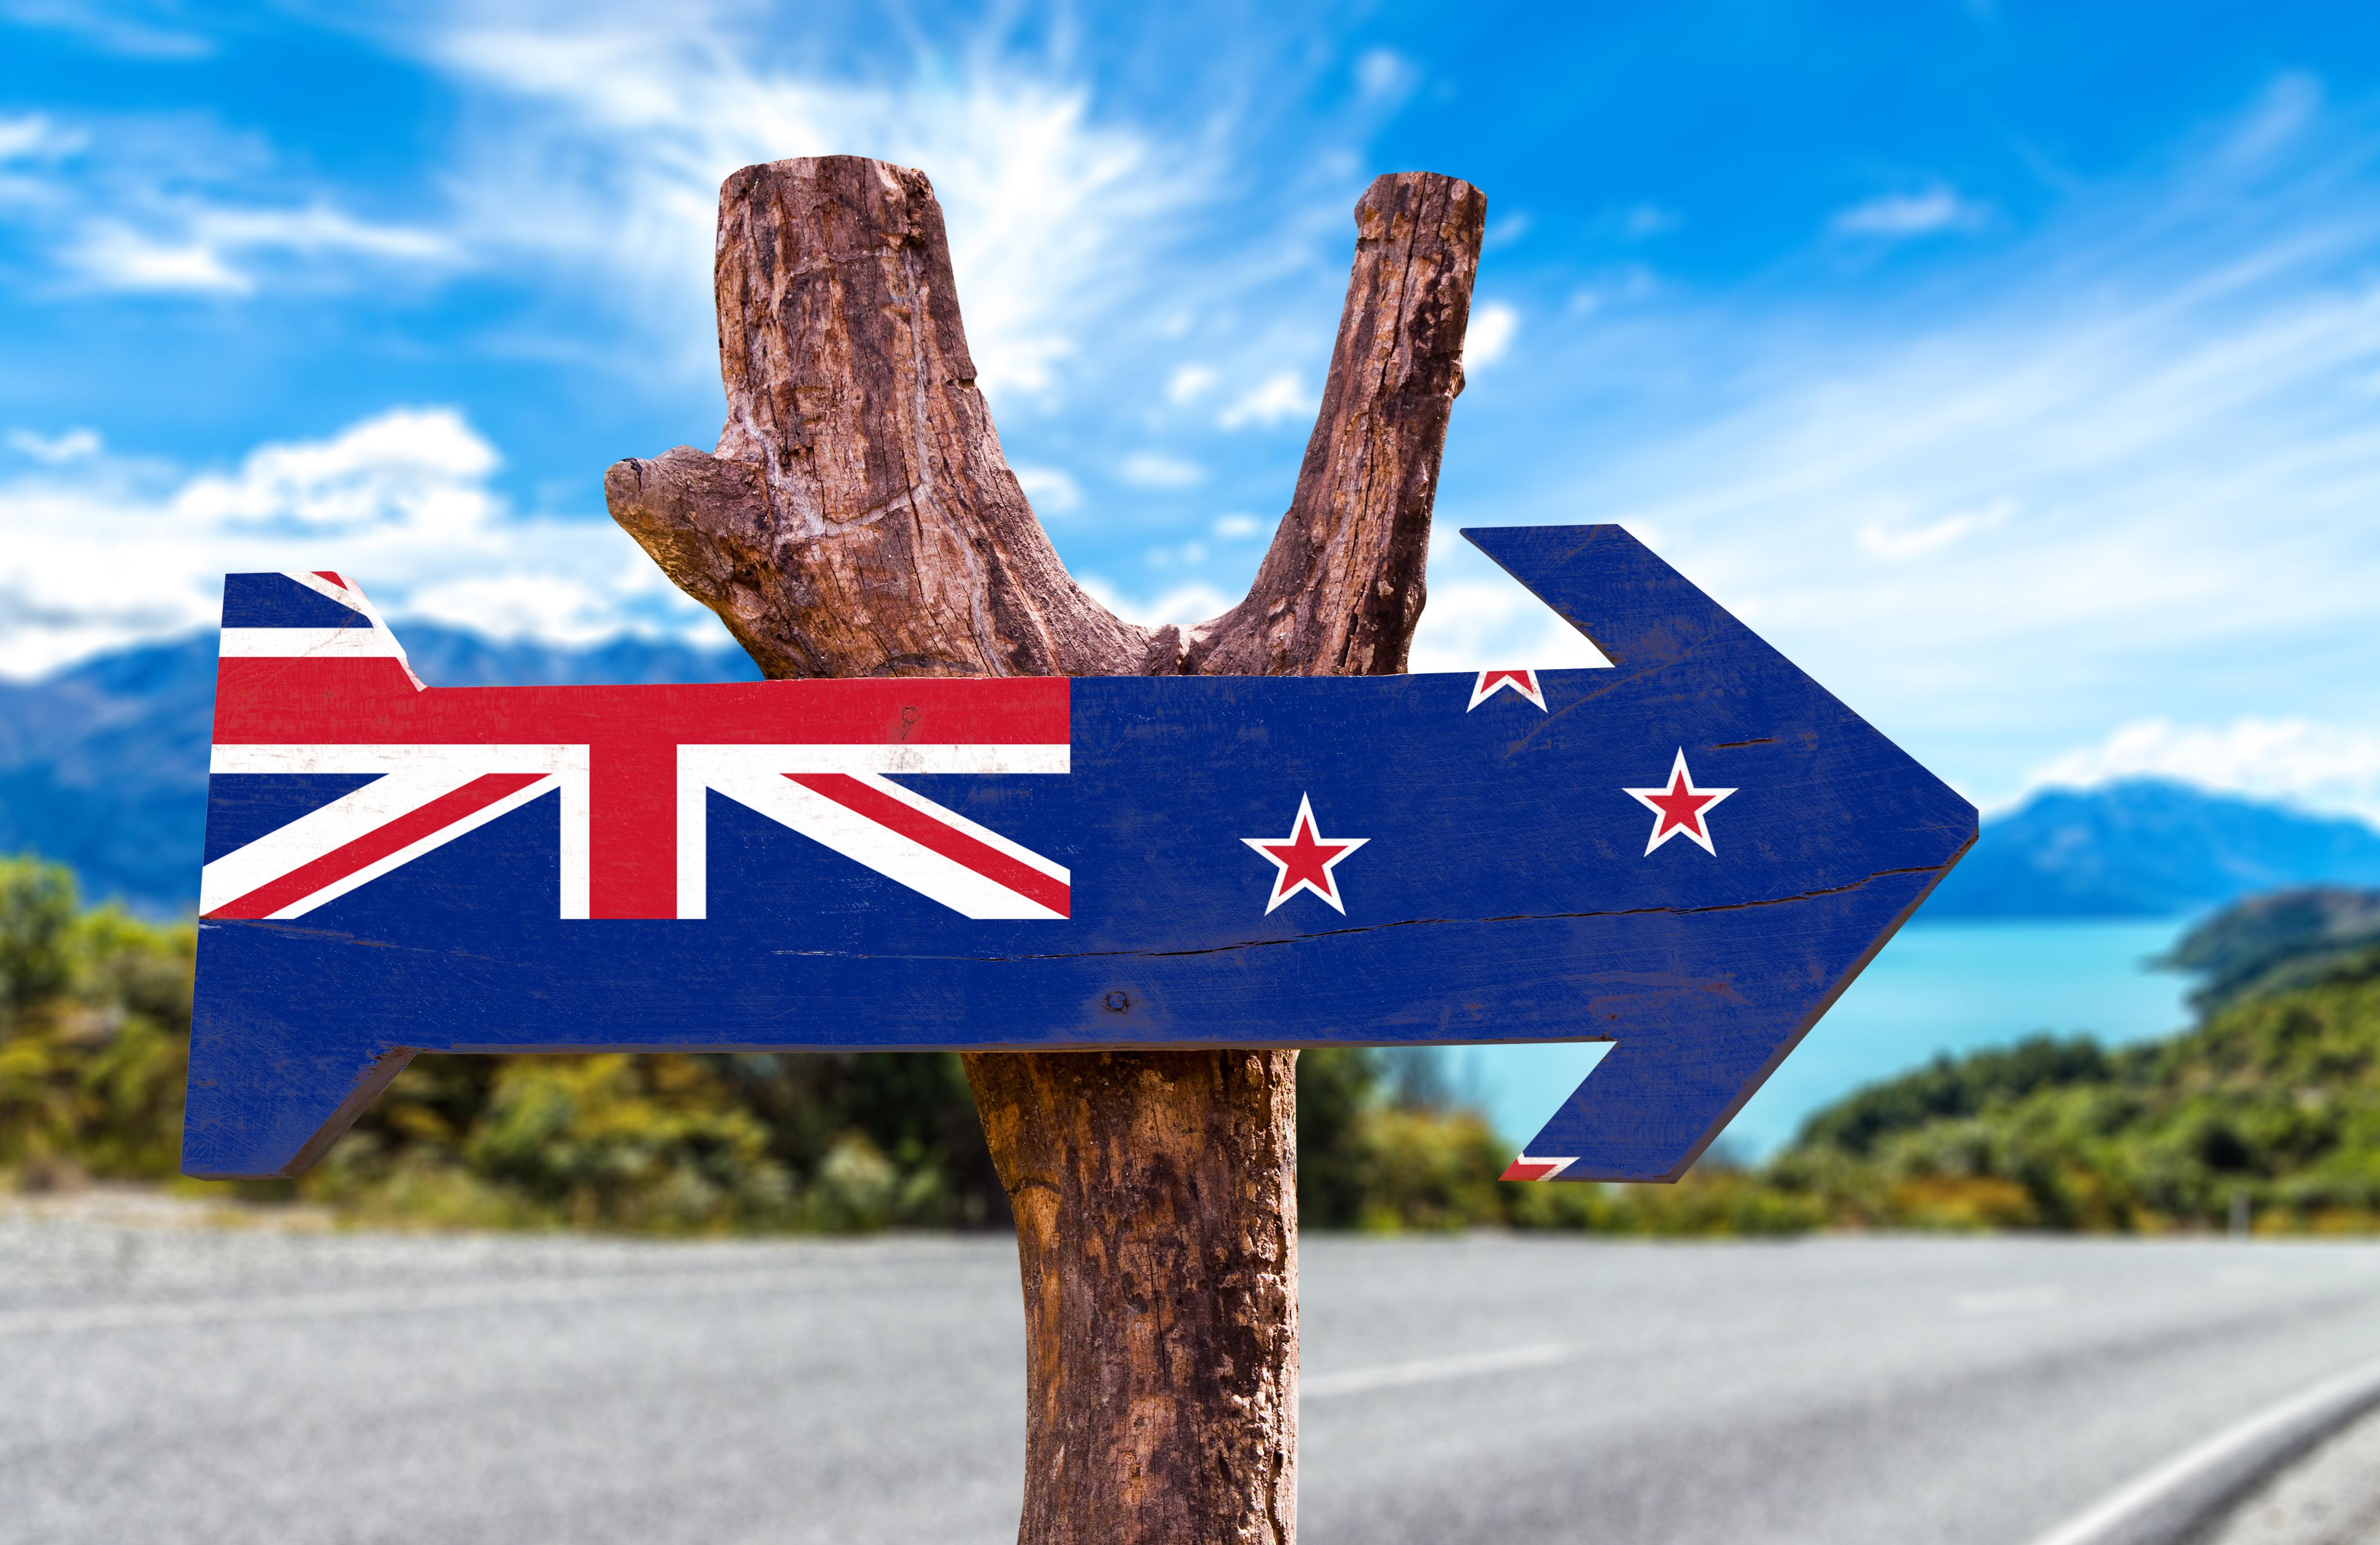 Деревянный знак с флагом Новой Зеландии, ВНЖ которой могут получить граждане Беларуси, России и Украины